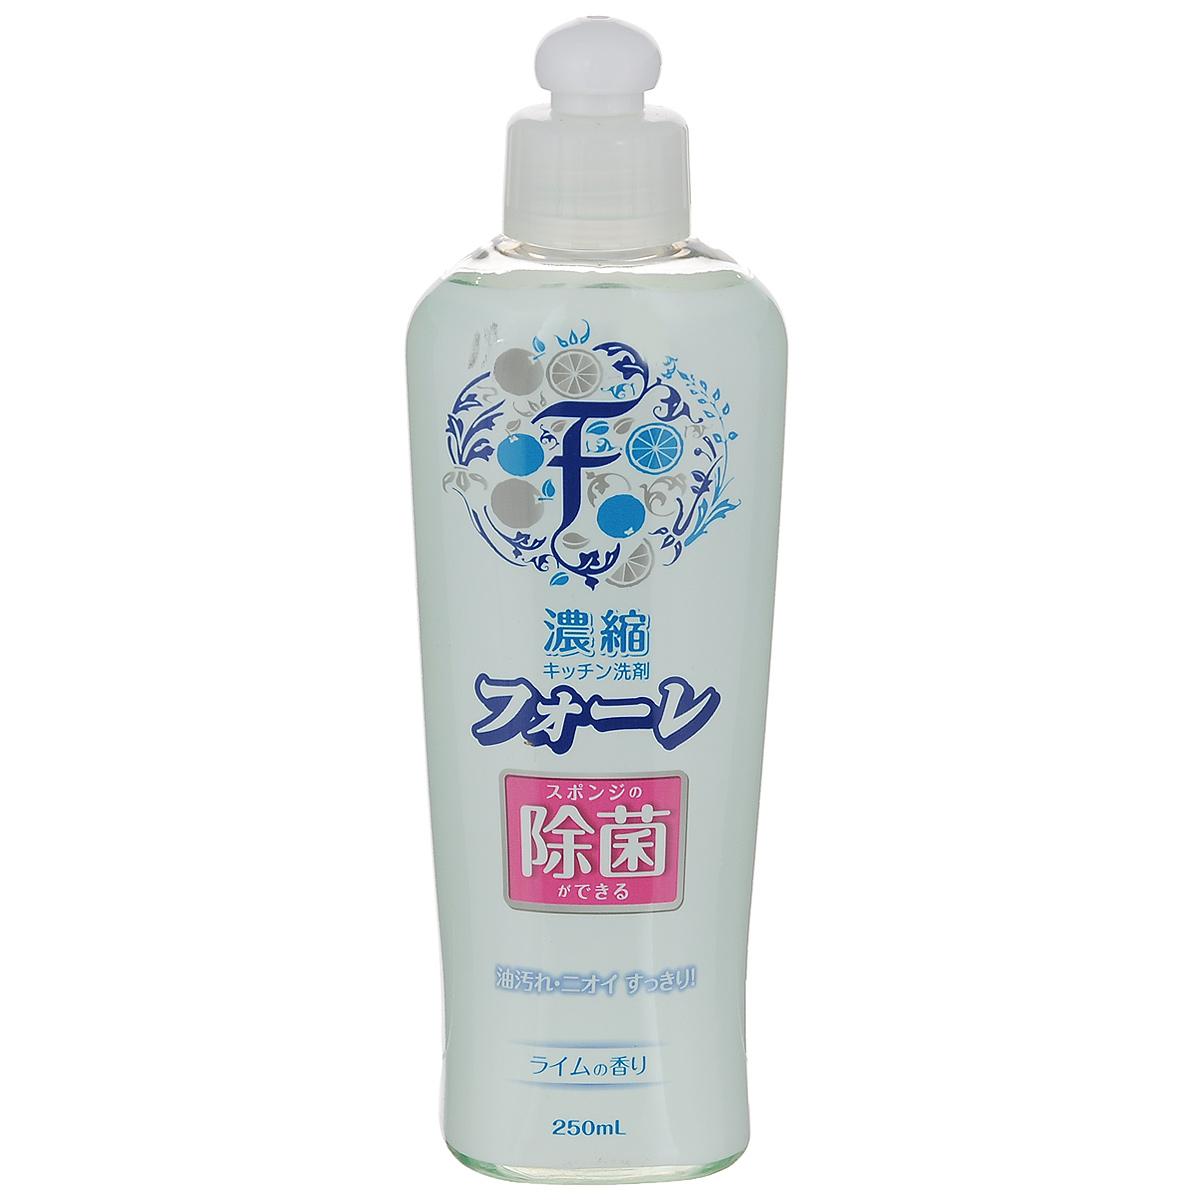 Средство для мытья посуды Kaneyo Faure, антибактериальное, лайм, 250 мл71514, 201026Средство Kaneyo Faure предназначено для мытья посуды, кухонной утвари и дезинфекции губок для мытья посуды. Имеет приятный аромат лайма.Эффективно очищает, обезжиривает и стерилизует посуду, удаляет масляные и прочие пищевые загрязнения. Обильная пена тщательно устраняет жир даже в холодной воде. Средство очень экономично, одной капли хватает на долго. Подходит для мытья овощей и фруктов. Мягко воздействует на кожу рук, не раздражая ее. Состав: ПАВ (30% натрий алкилбензолсульфонат), жирные кислоты алканоламид, полиоксиалкиленовые алкилэфира, стабилизатор.Товар сертифицирован. Размер бутылки: 19 см х 7 см х 4,5 см.